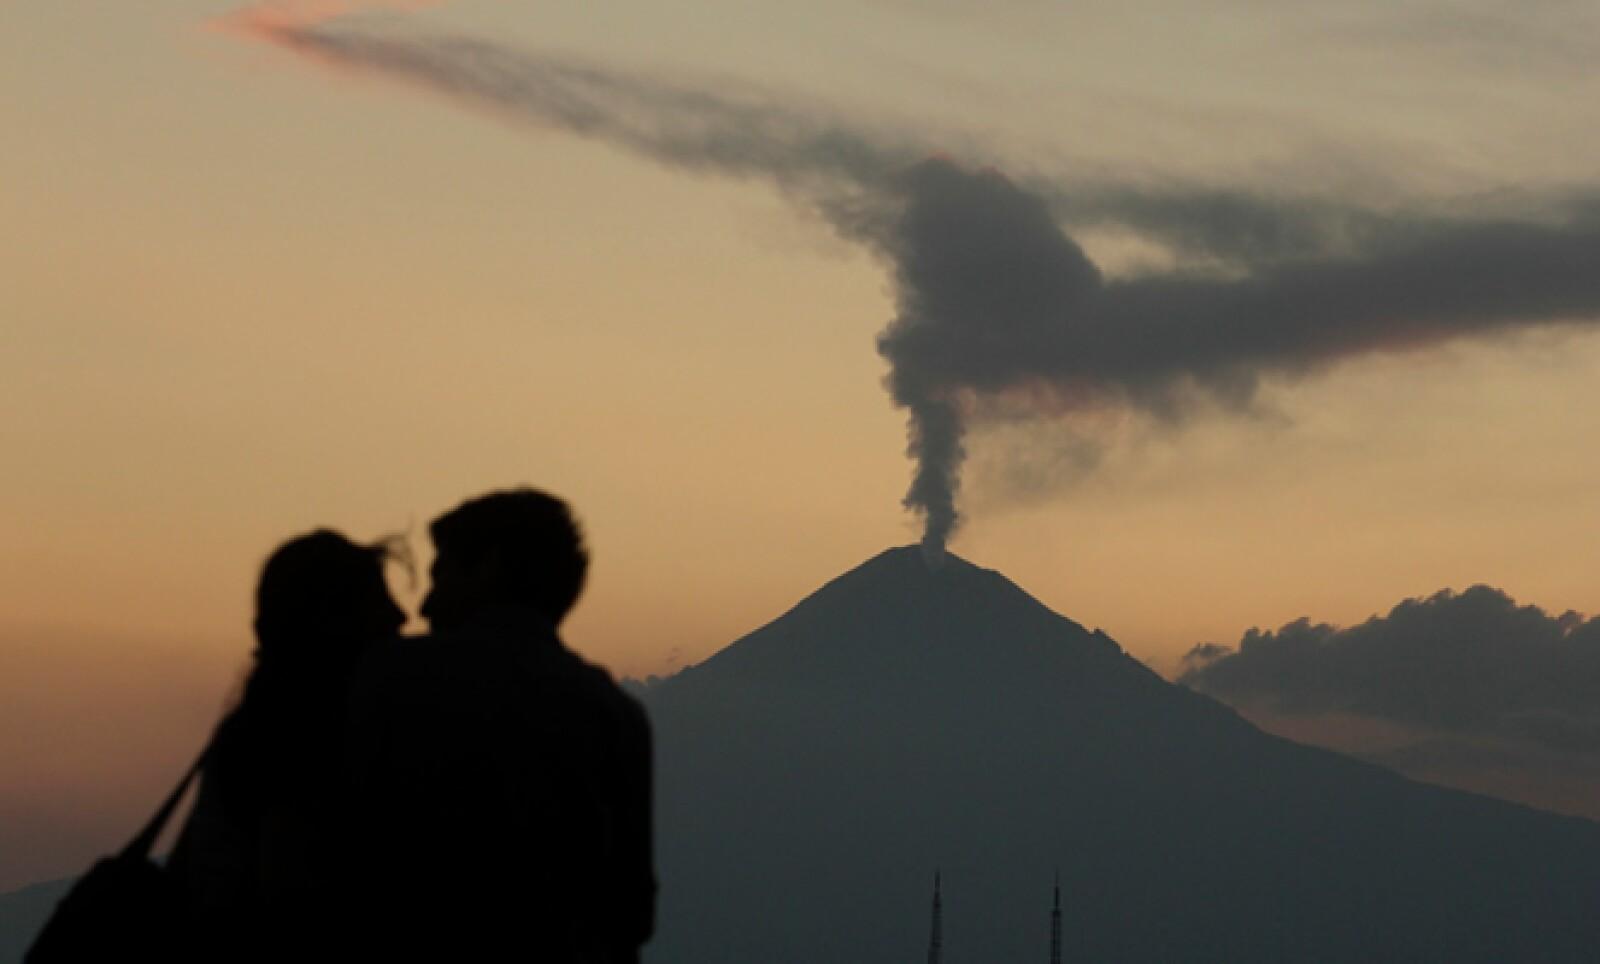 Don Goyo ha tenido erupciones intermitentes desde diciembre de 1994, pero generalmente sólo ha lanzado ceniza.